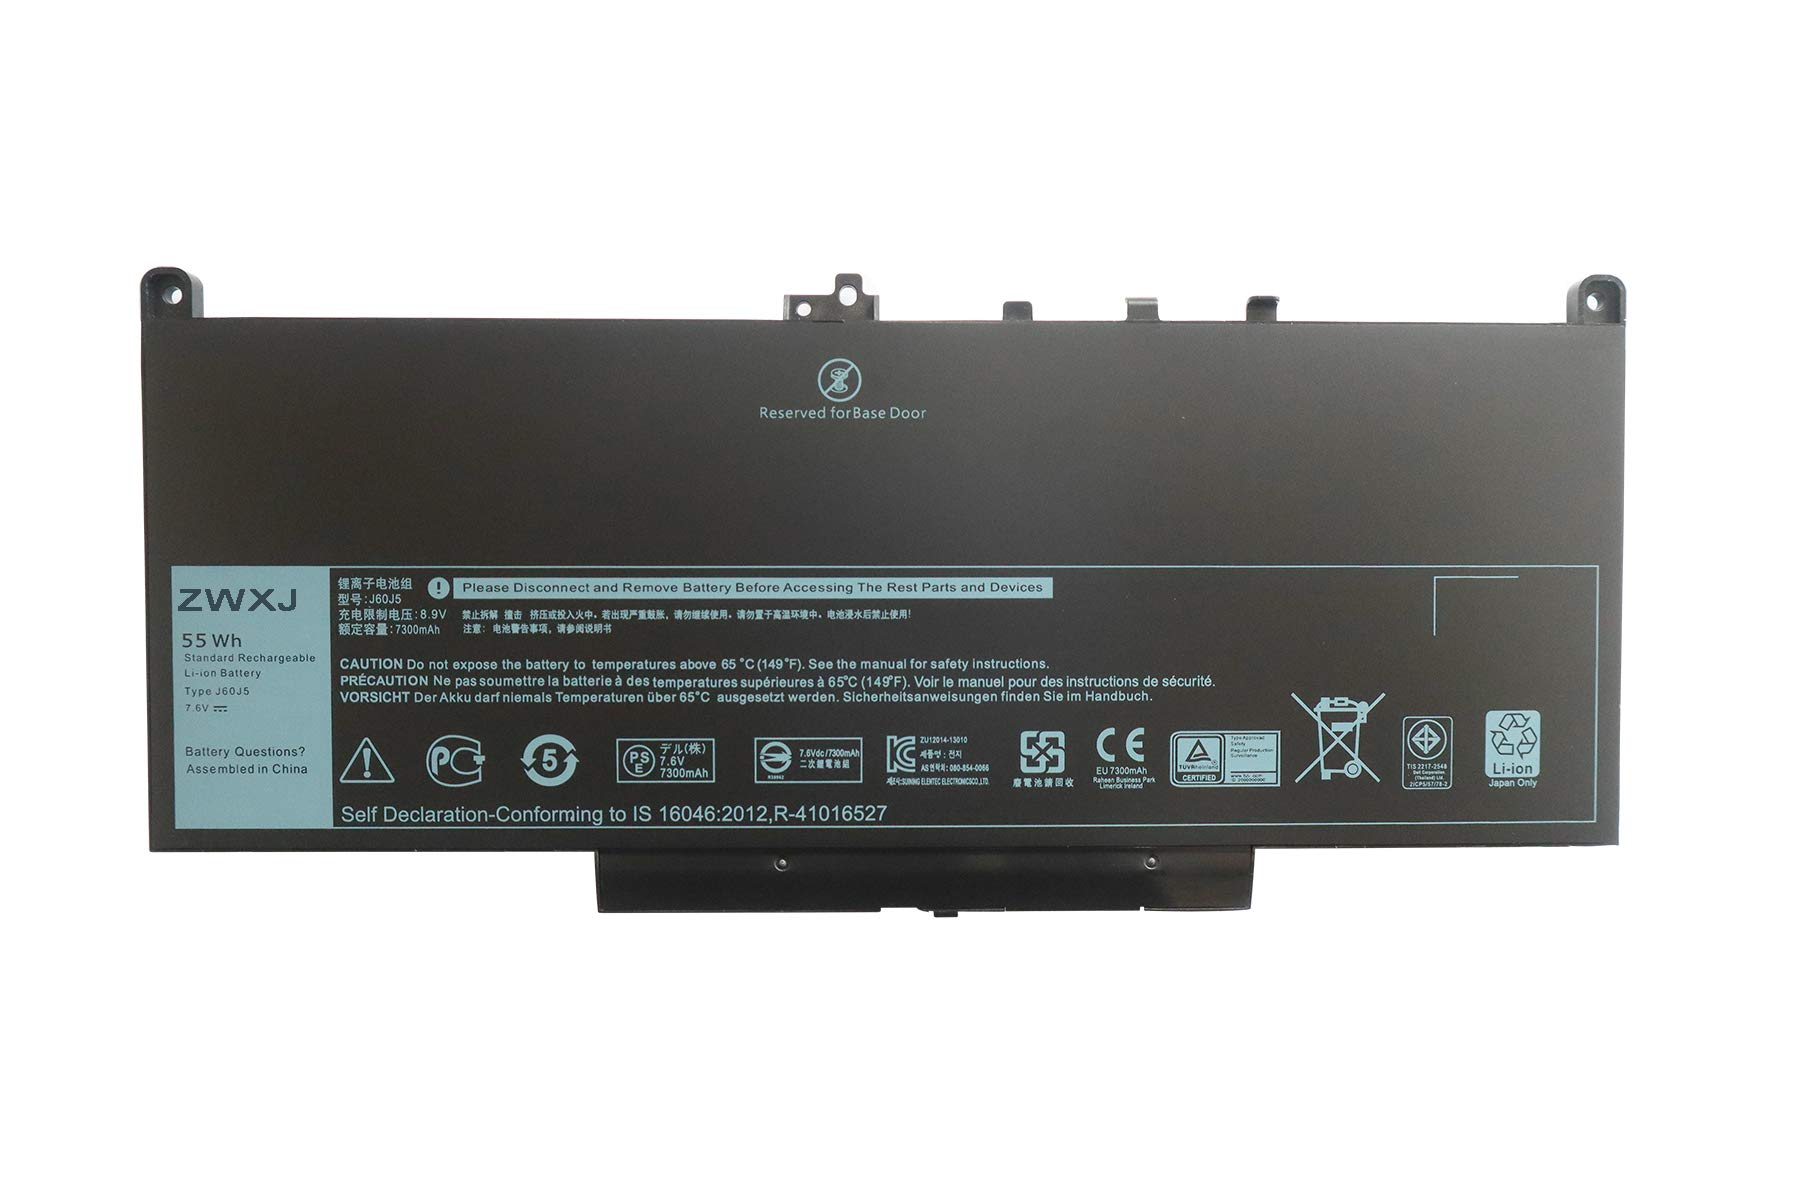 ZWXJ Laptop Battery Type J60J5 (7.6V 55WH) for Dell Latitude E7270 E7470 Series WYWJ2 MC34Y 0MC34Y 1W2Y2 242WD 451-BBSY 451-BBSX dell j60j5 dell 242wd Battery dell 451-bbsx by ZWXJ (Image #3)